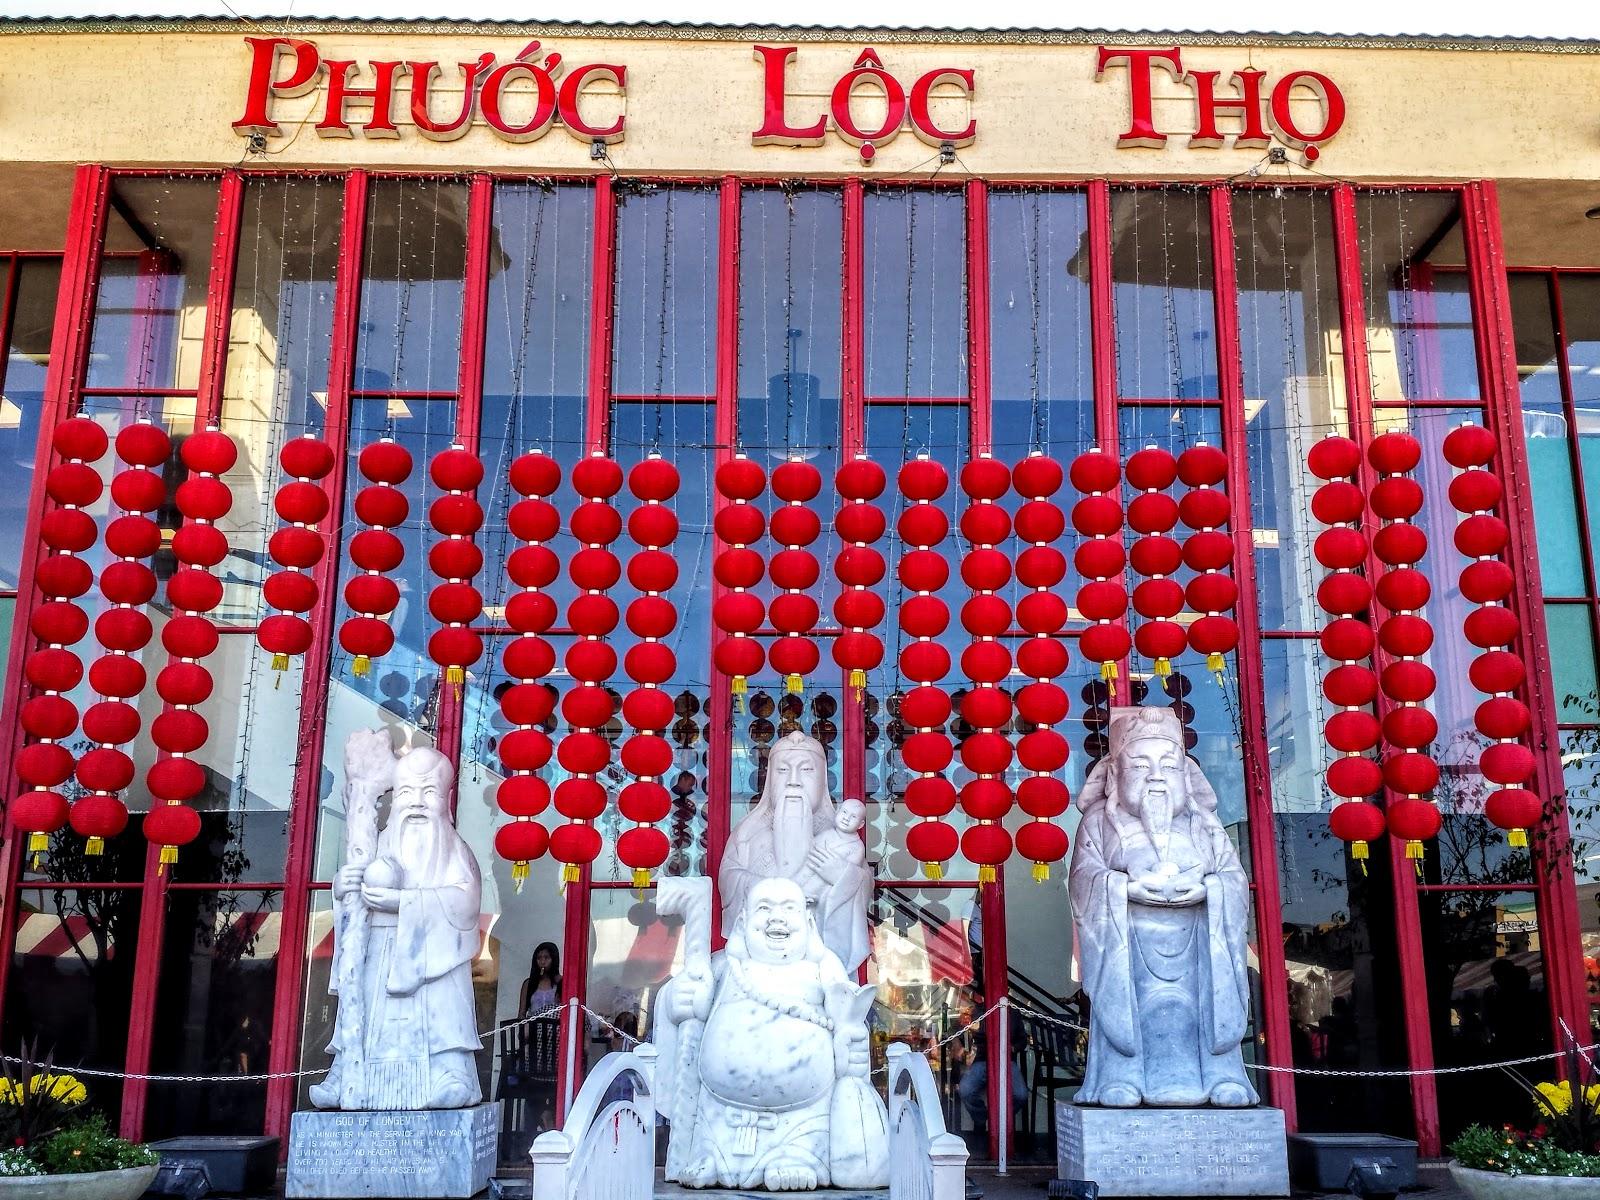 Người Việt đi chợ Phước Lộc Thọ ở Mỹ